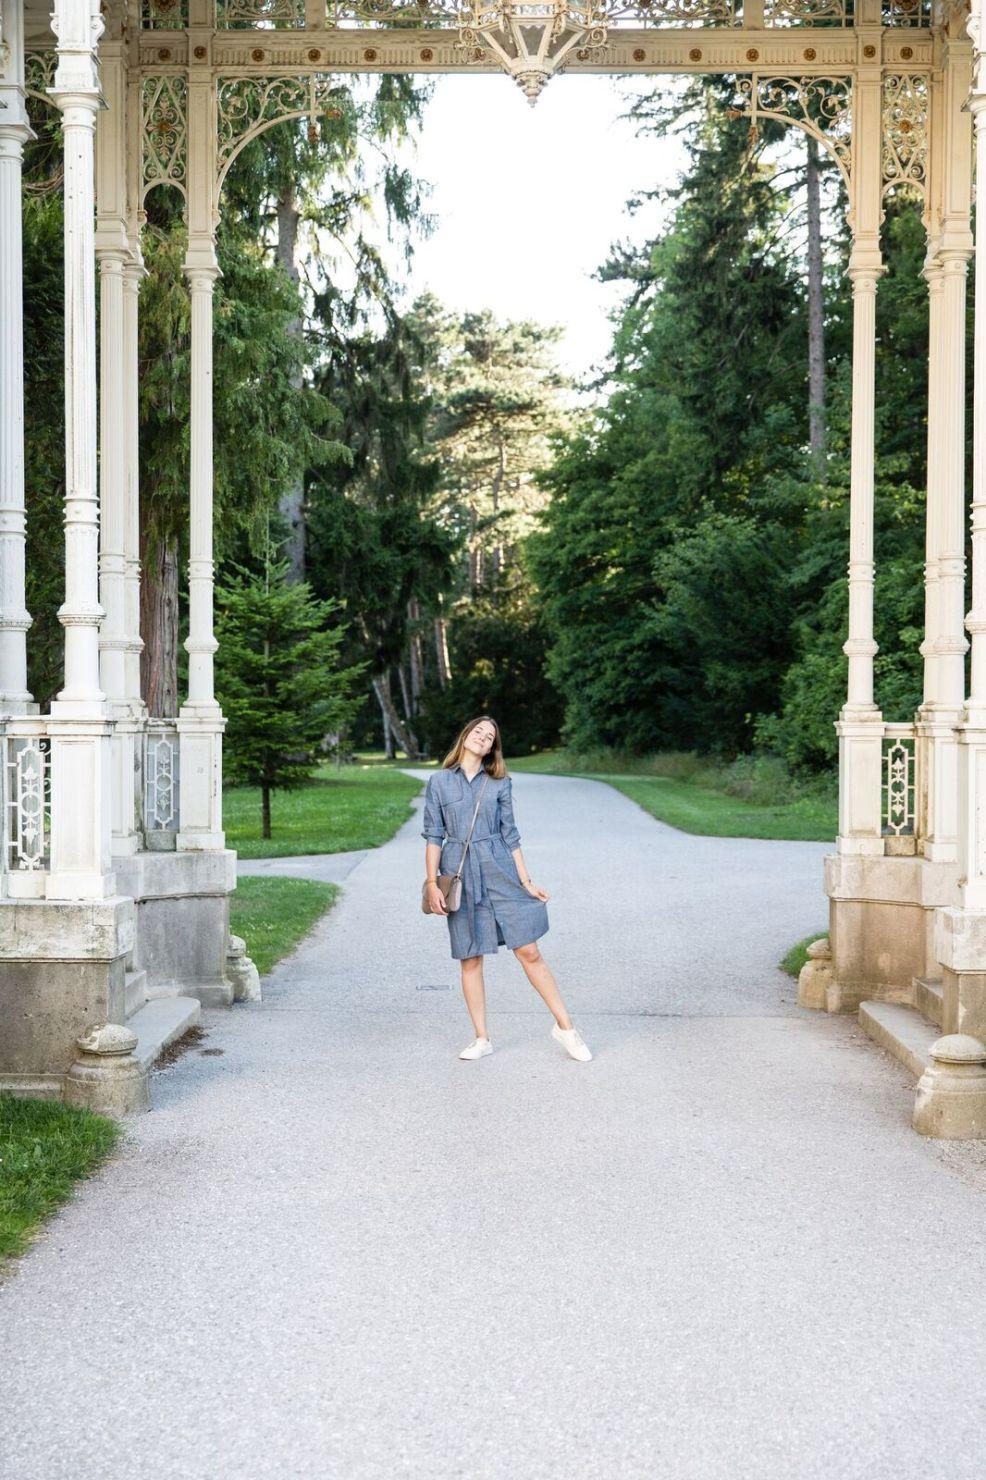 Hemdblusenkleid von Mila.Vert und Gedanken zum Vorankommen im Leben